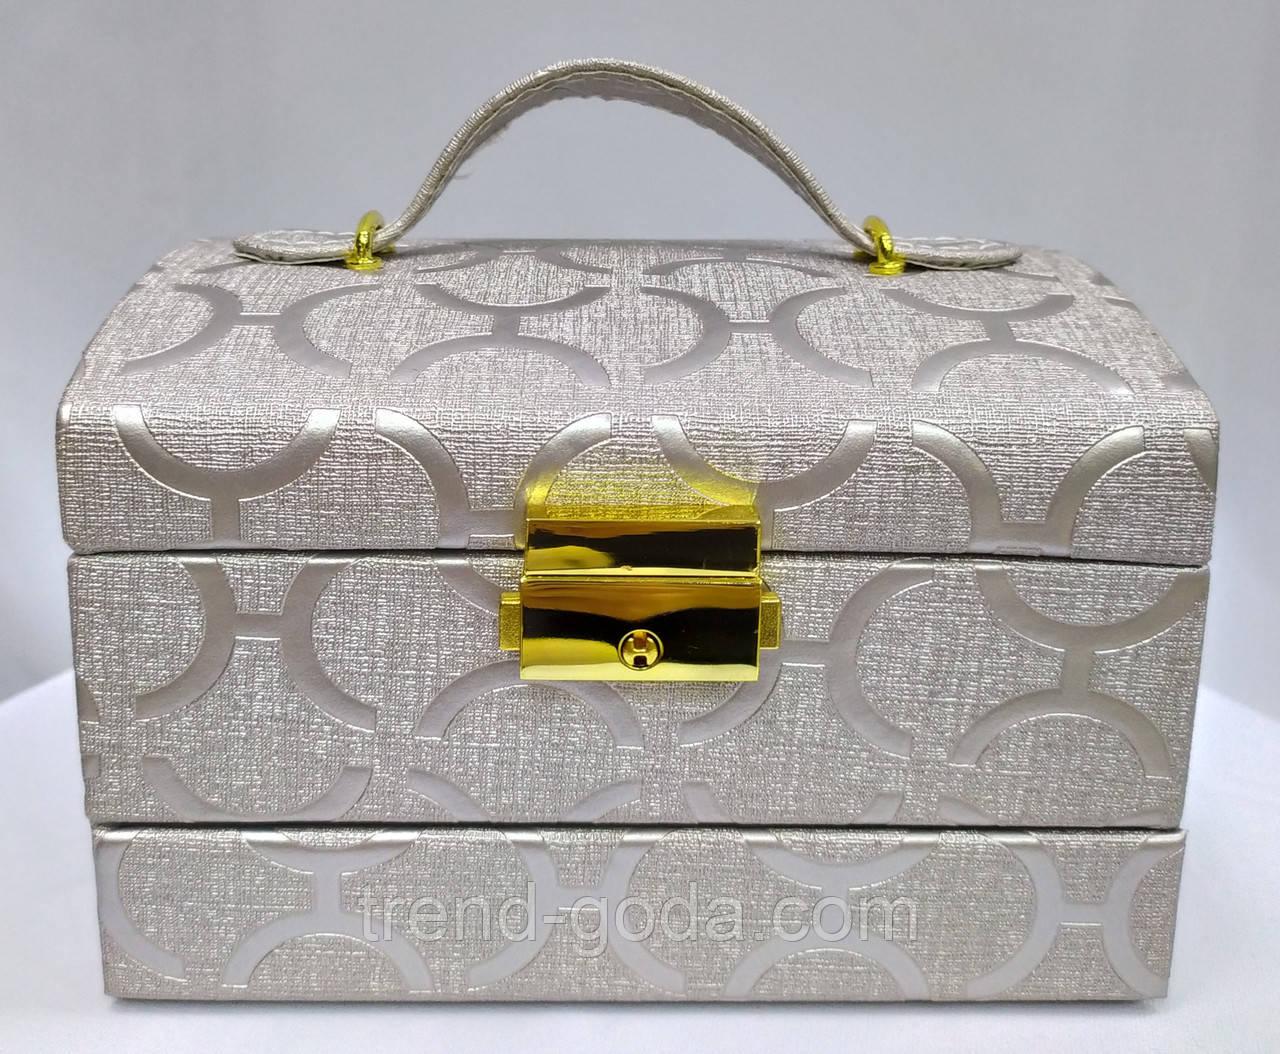 Шкатулка-комод с ключиком для украшений, серебрянного цвета с узорами